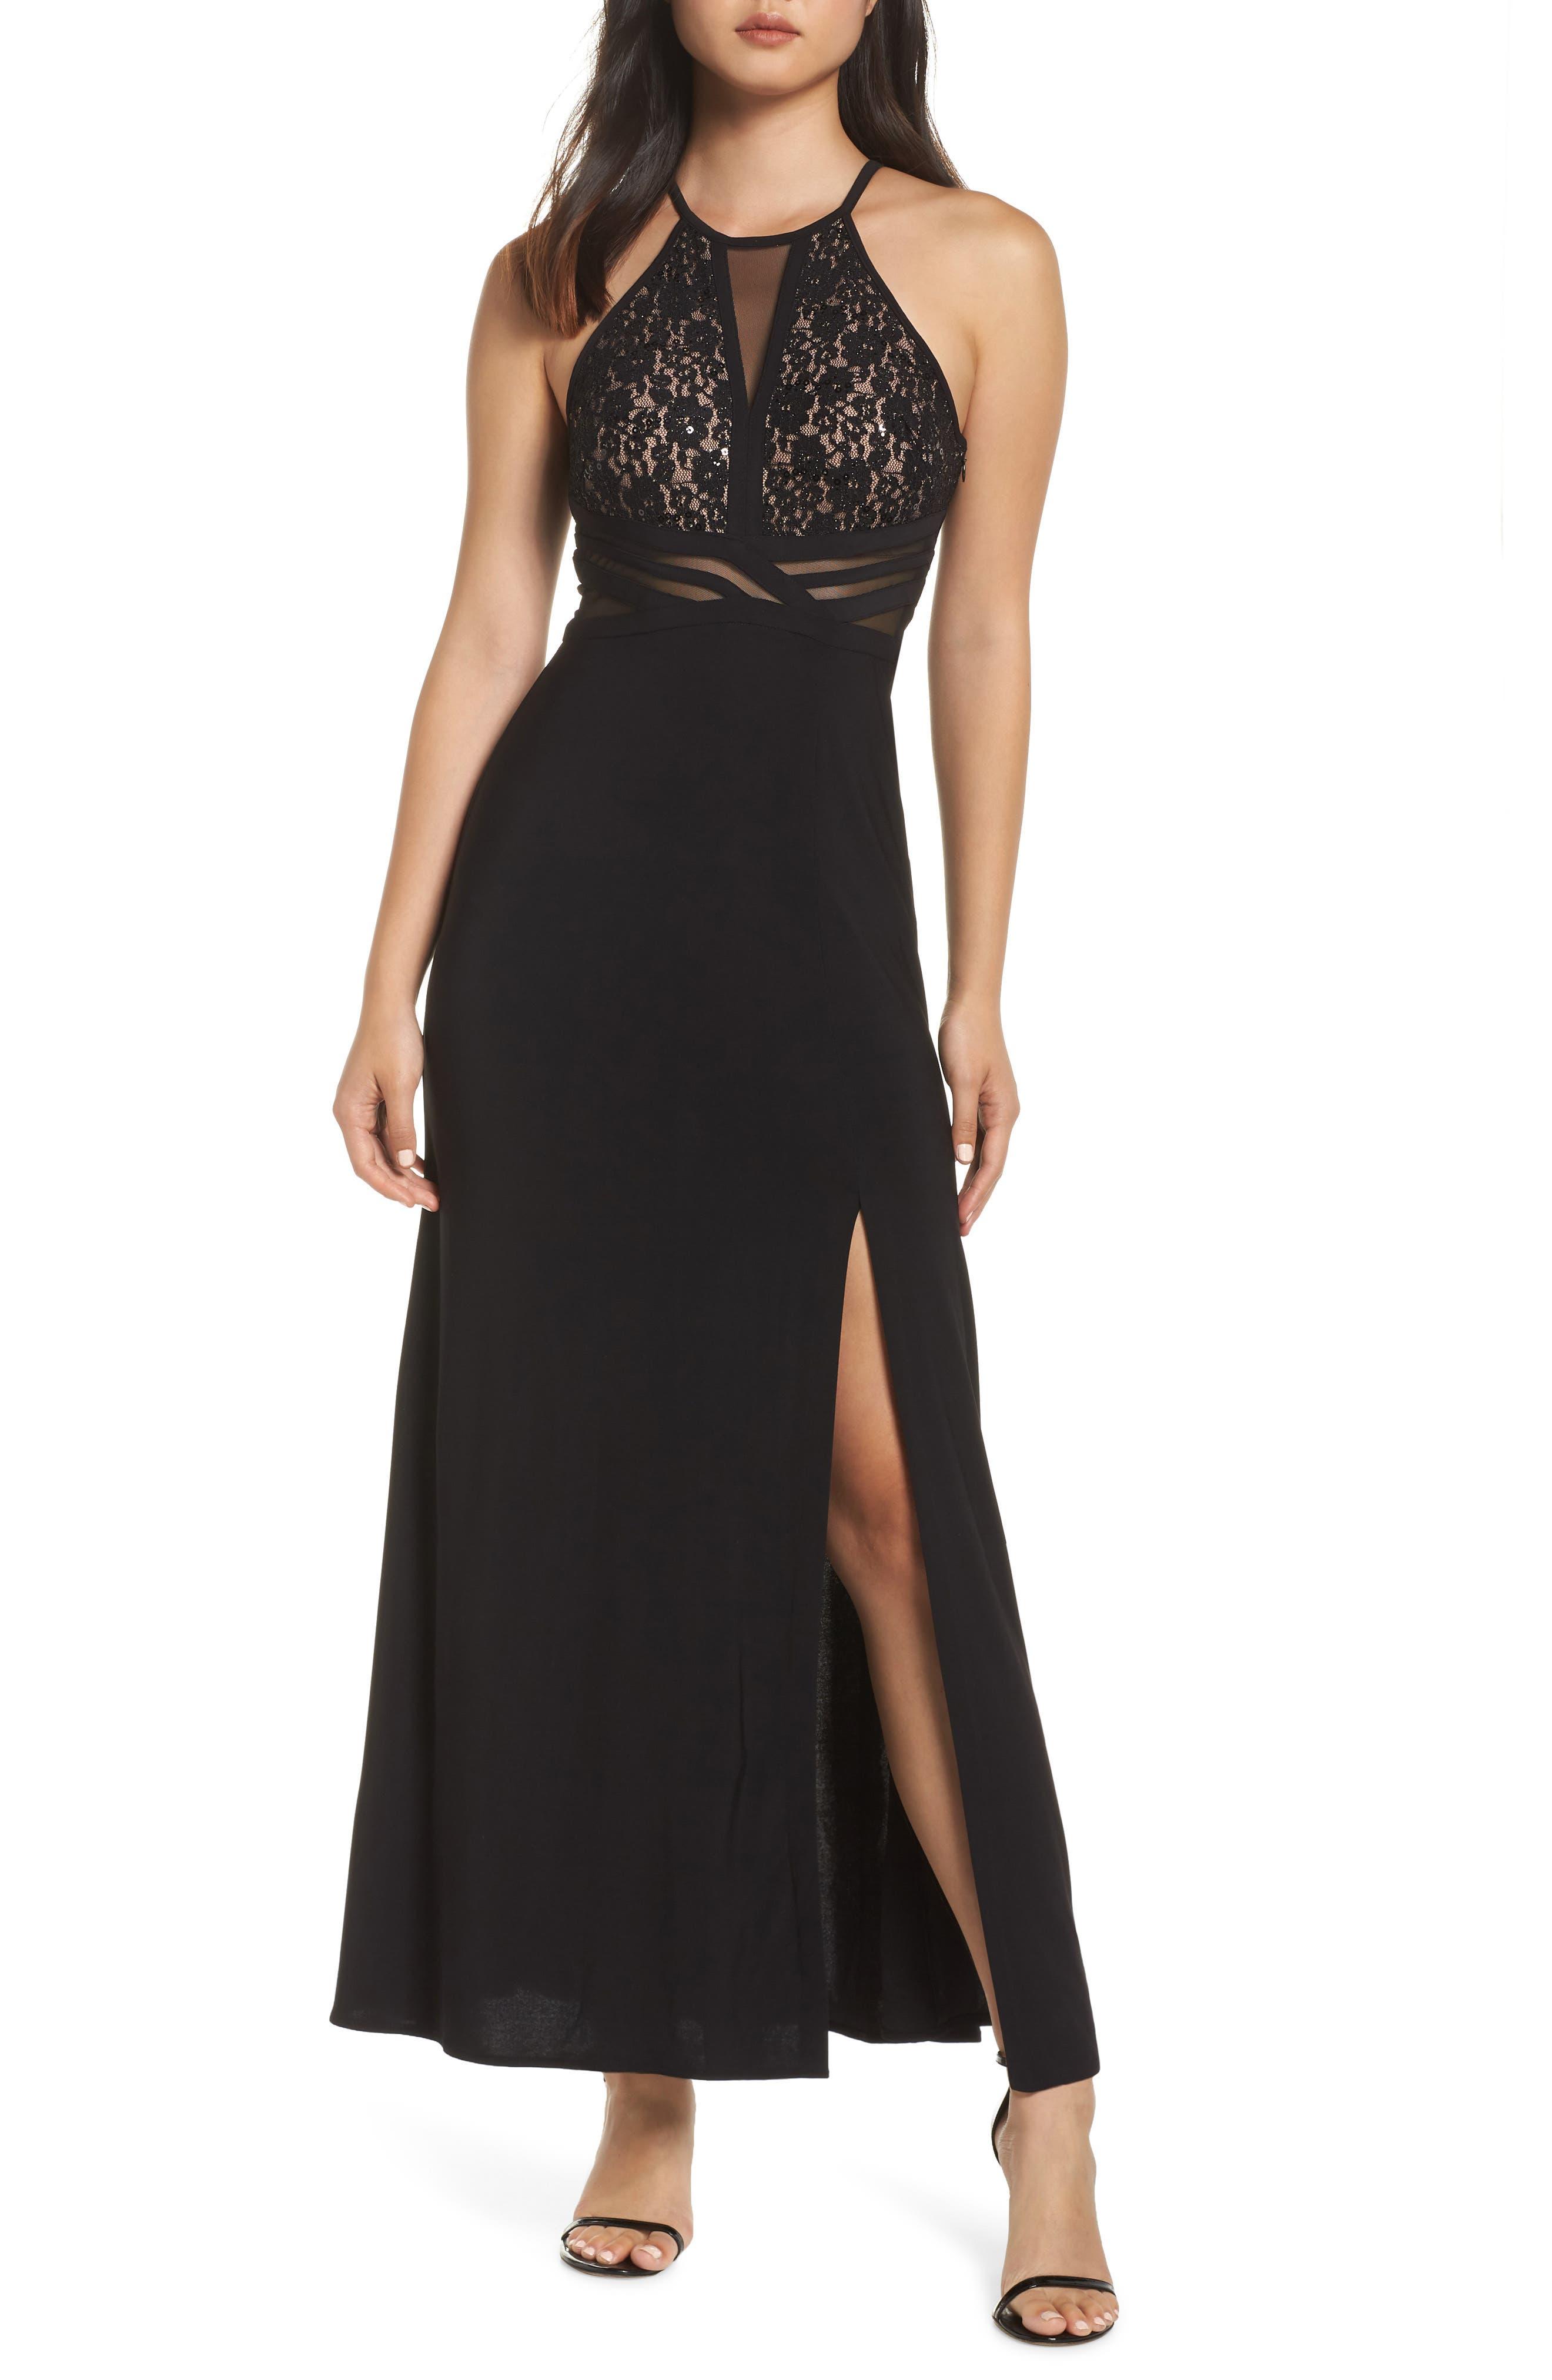 MORGAN & CO. Lace & Illusion Mesh Bodice Gown, Main, color, BLACK/ NUDE